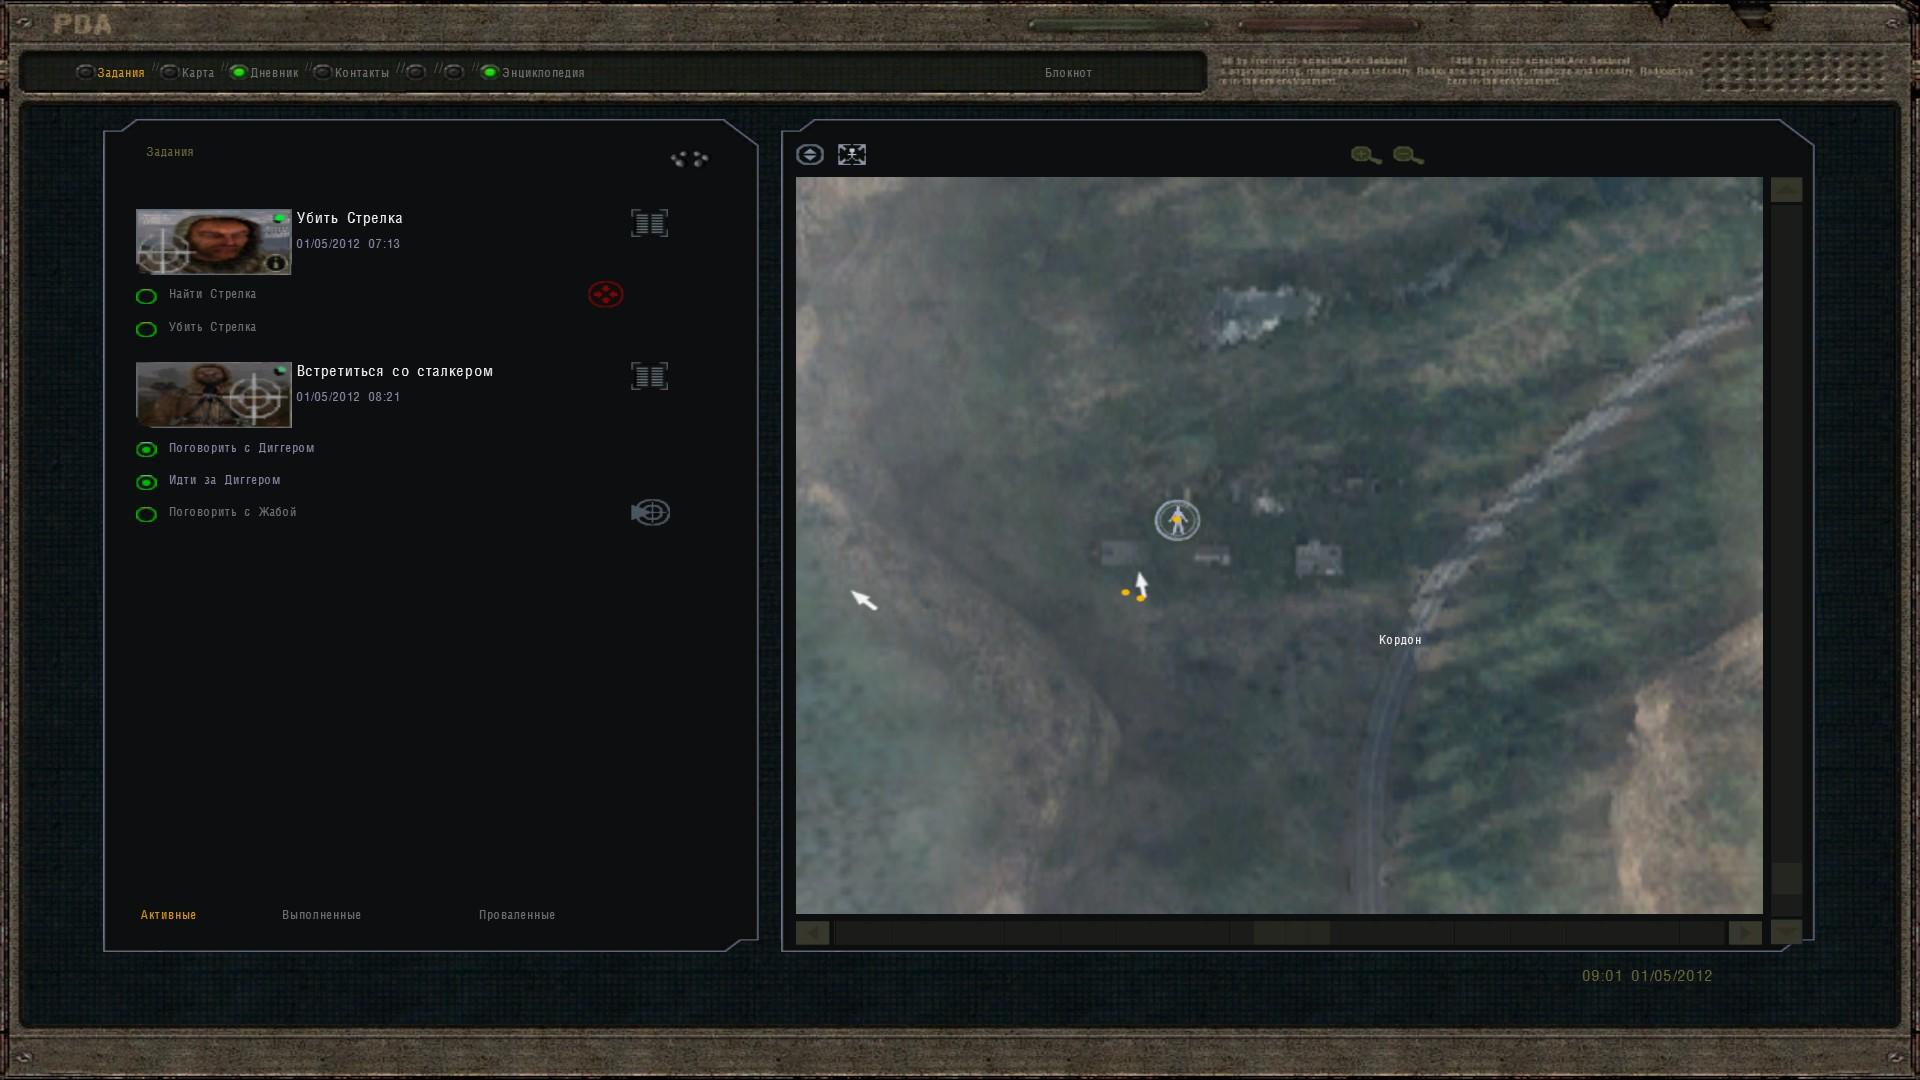 Oblivion Lost Remake 2.5 image 19